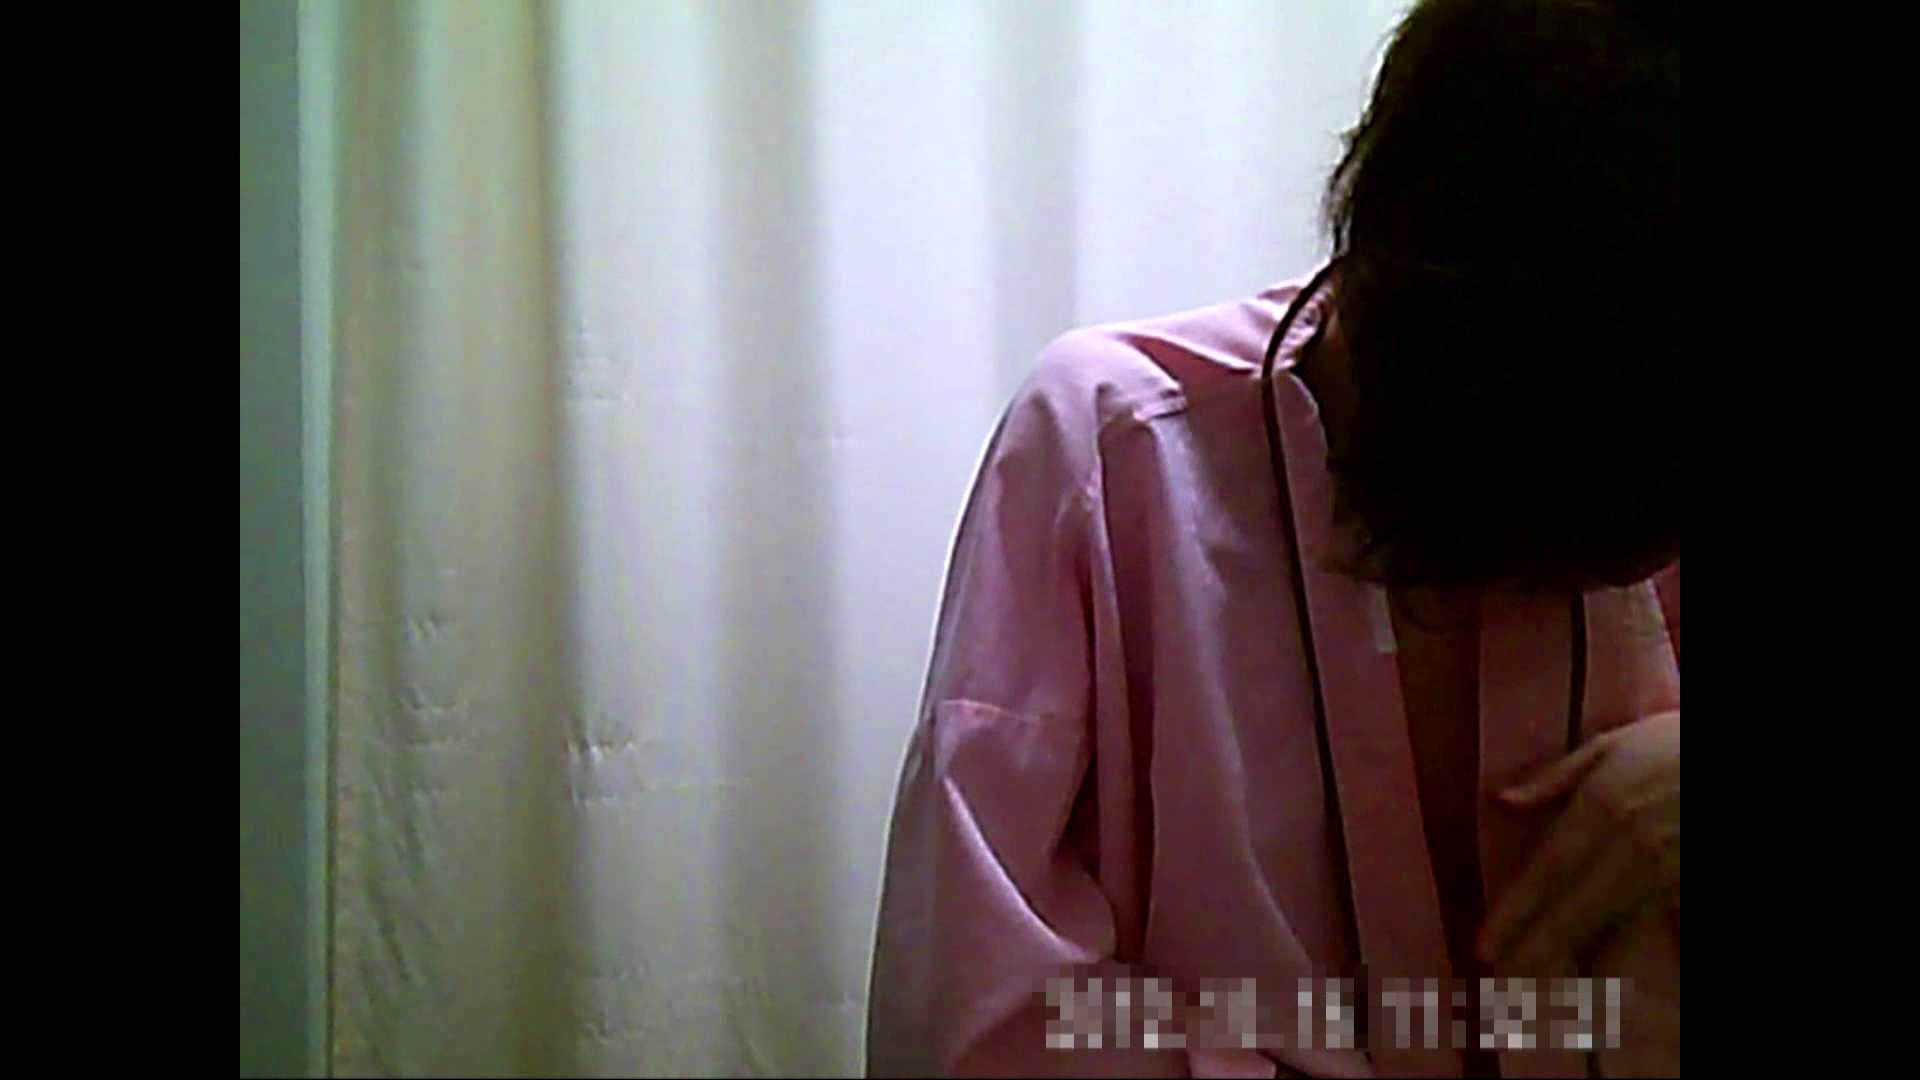 無料アダルト動画:元医者による反抗 更衣室地獄絵巻 vol.056:怪盗ジョーカー